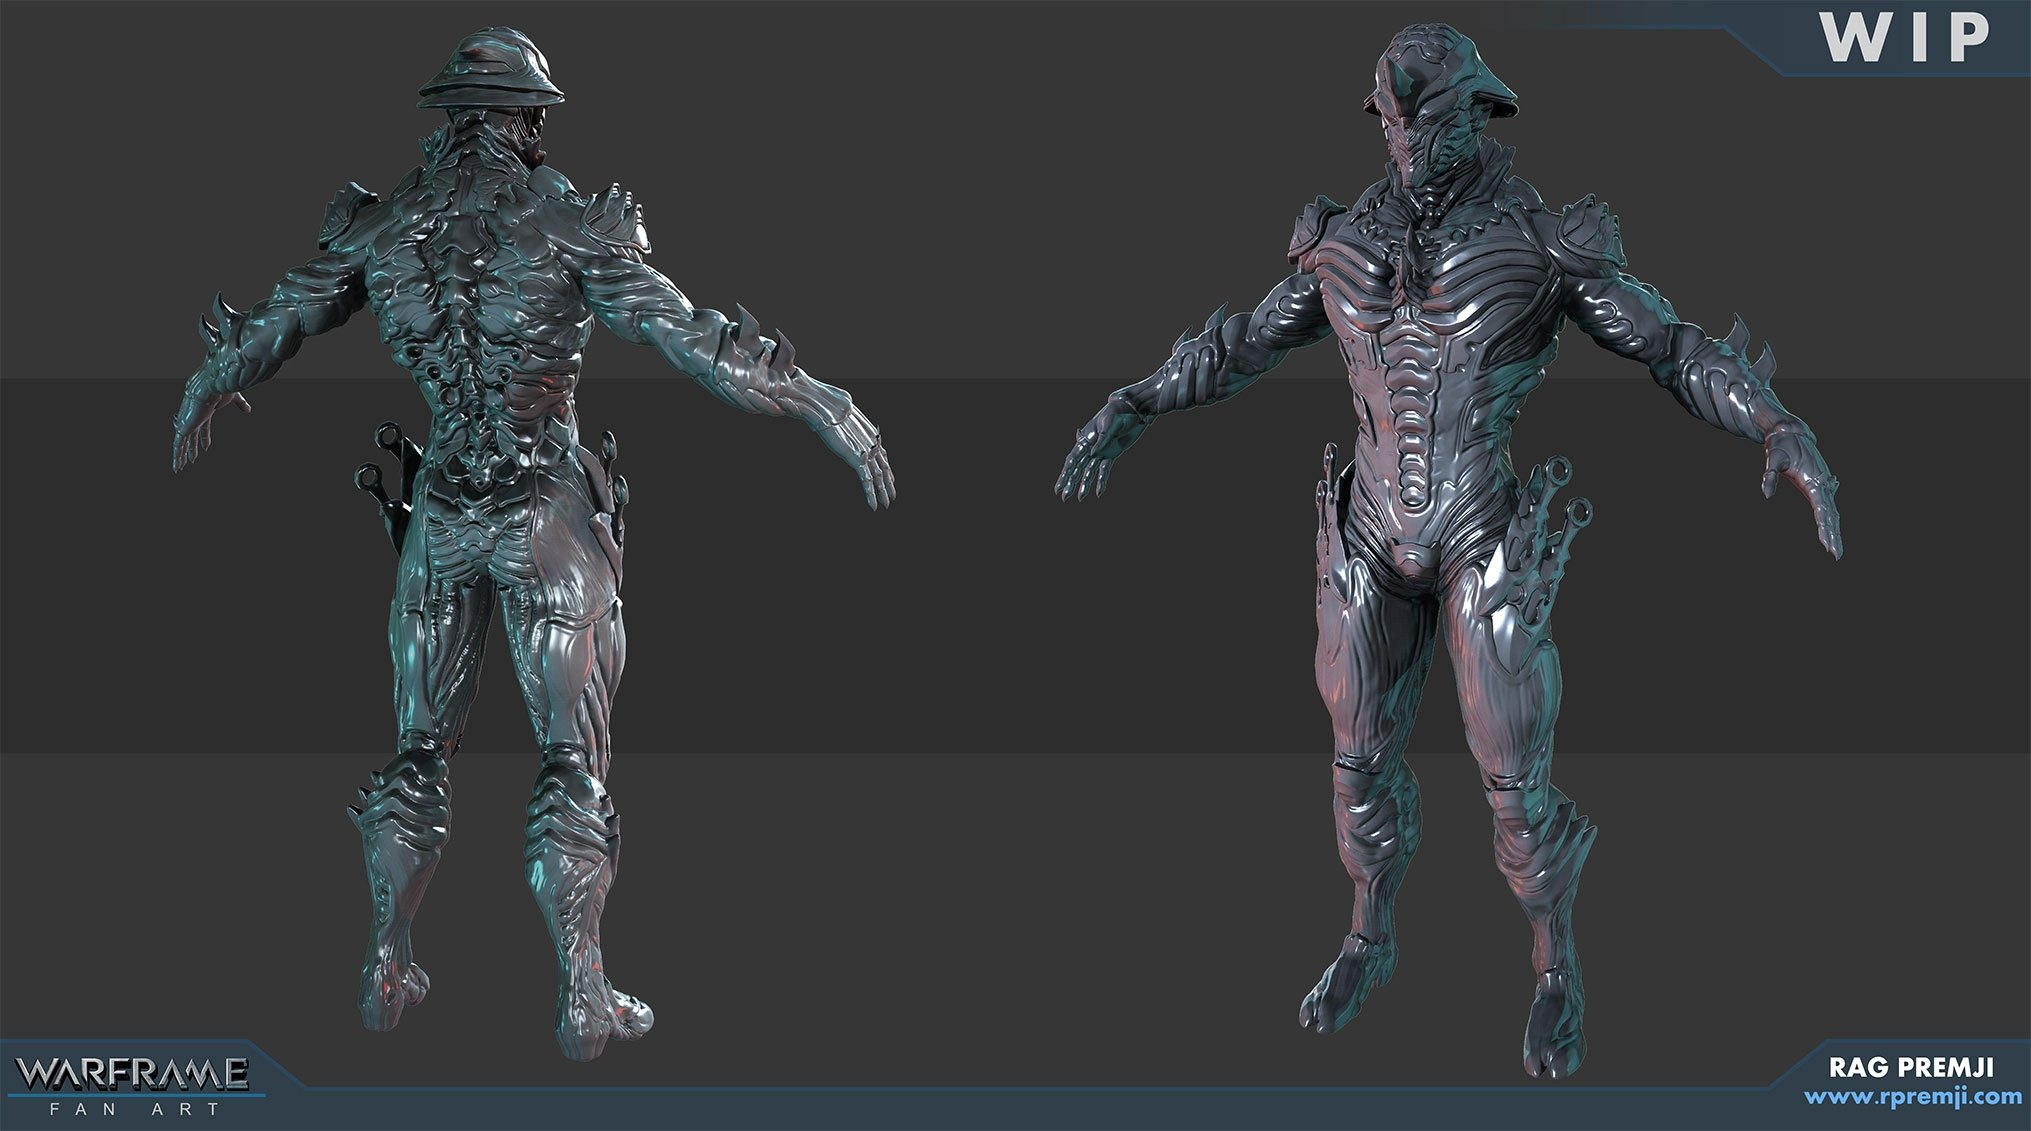 Warframe - Tenno (Warframes A-M) / Characters - TV Tropes